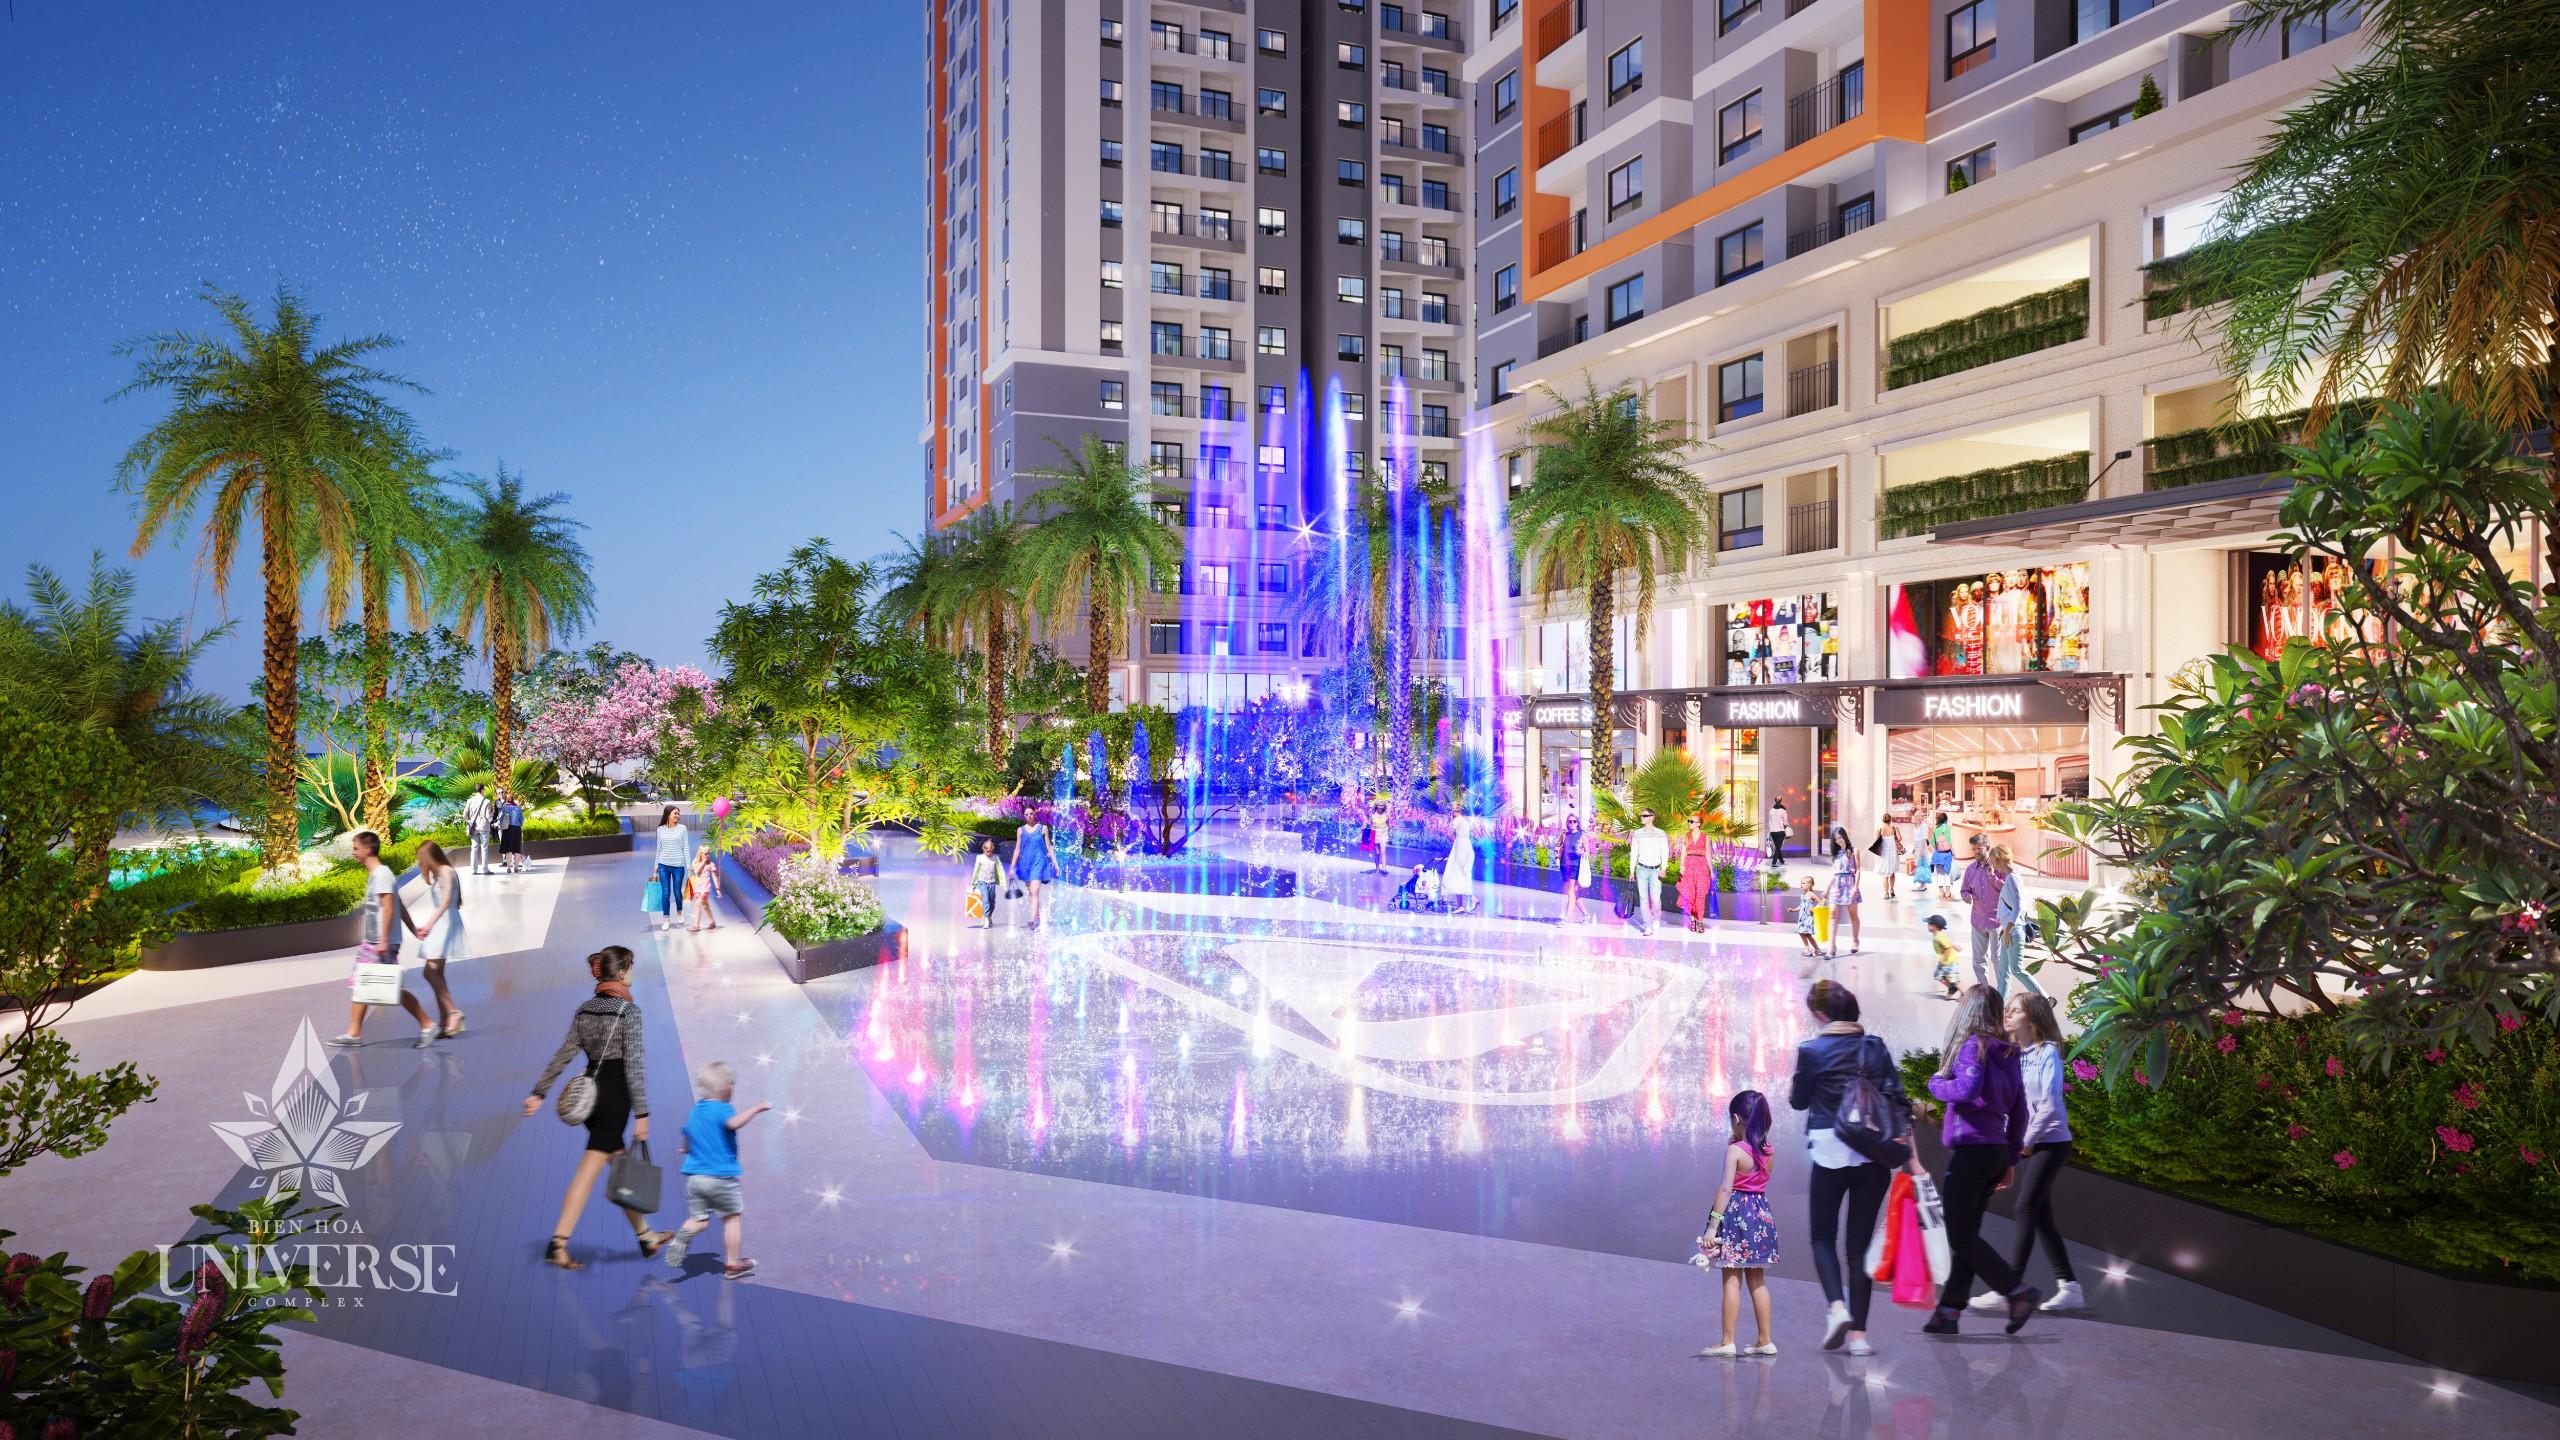 Quảng trường nhạc nước ngay cổng chính vào dự án BIen Hoa Universe